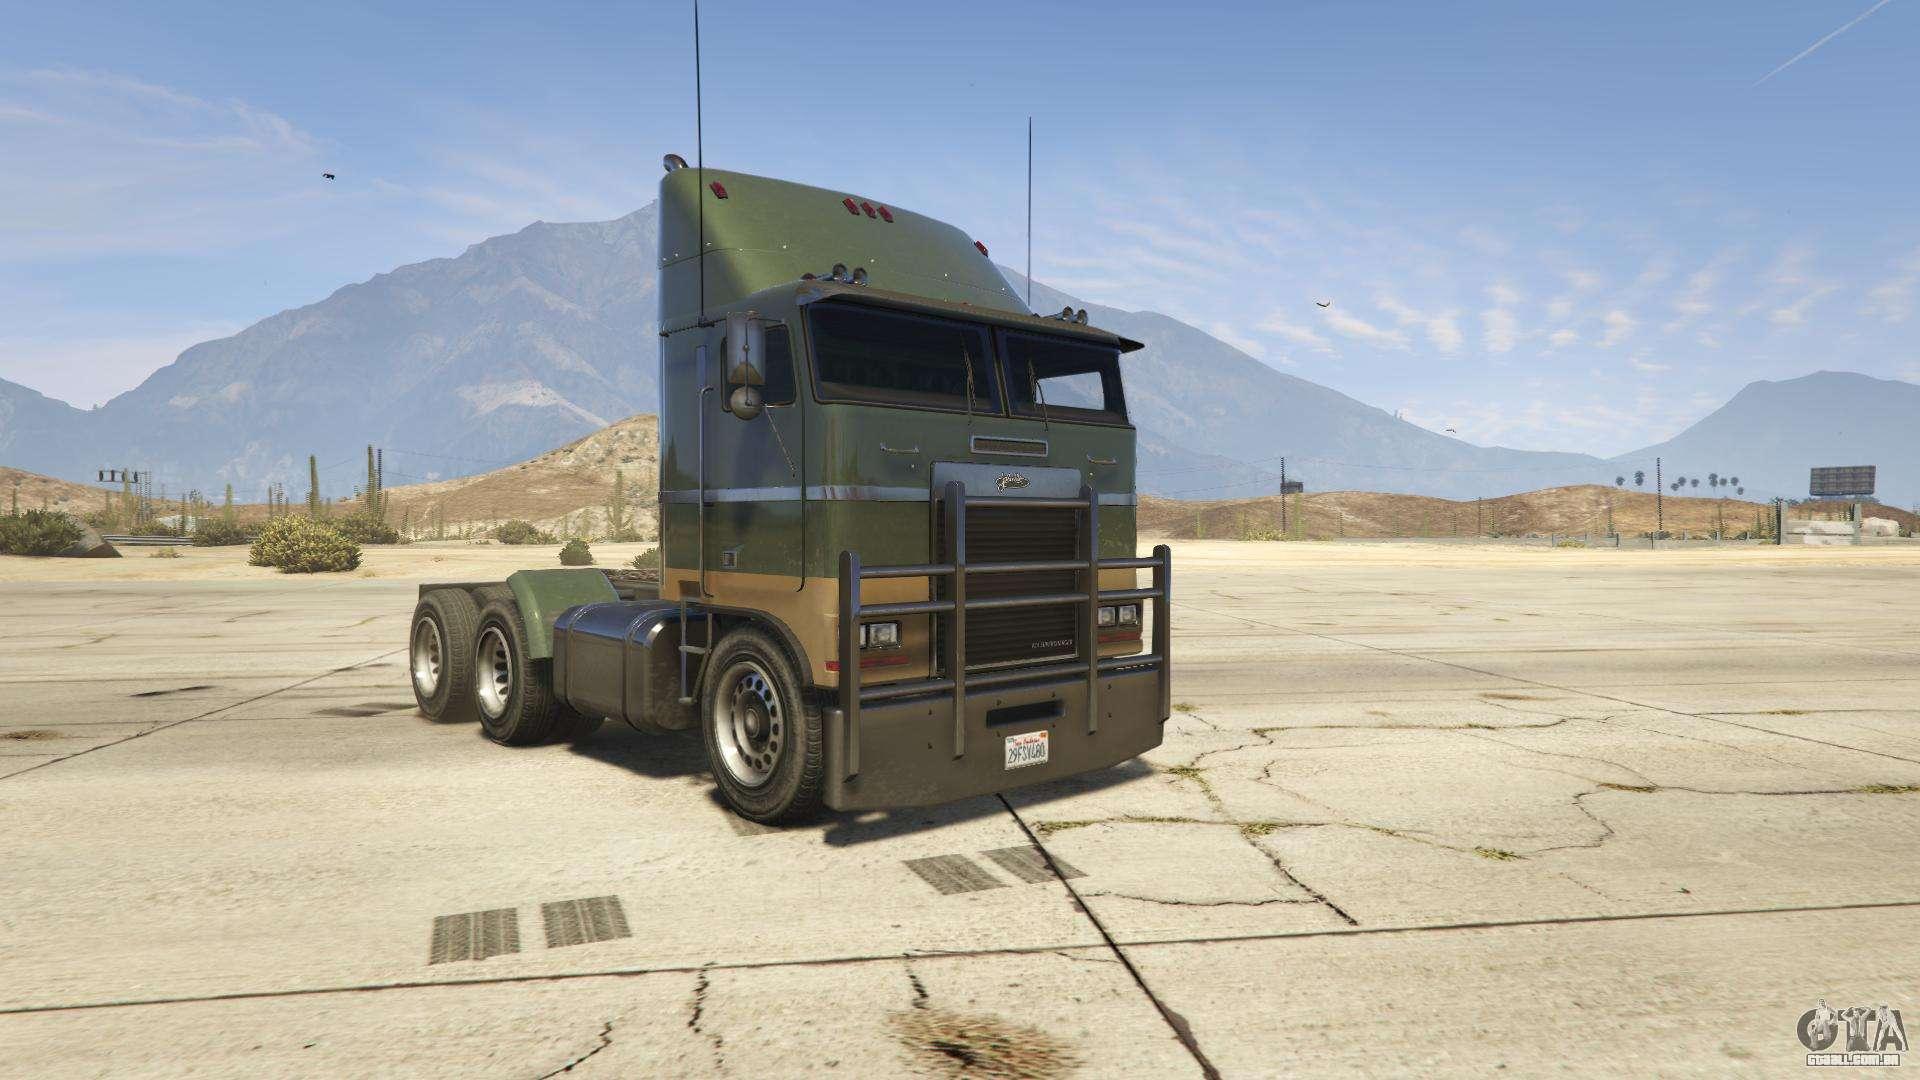 5023-gta5-hauler-front.jpg